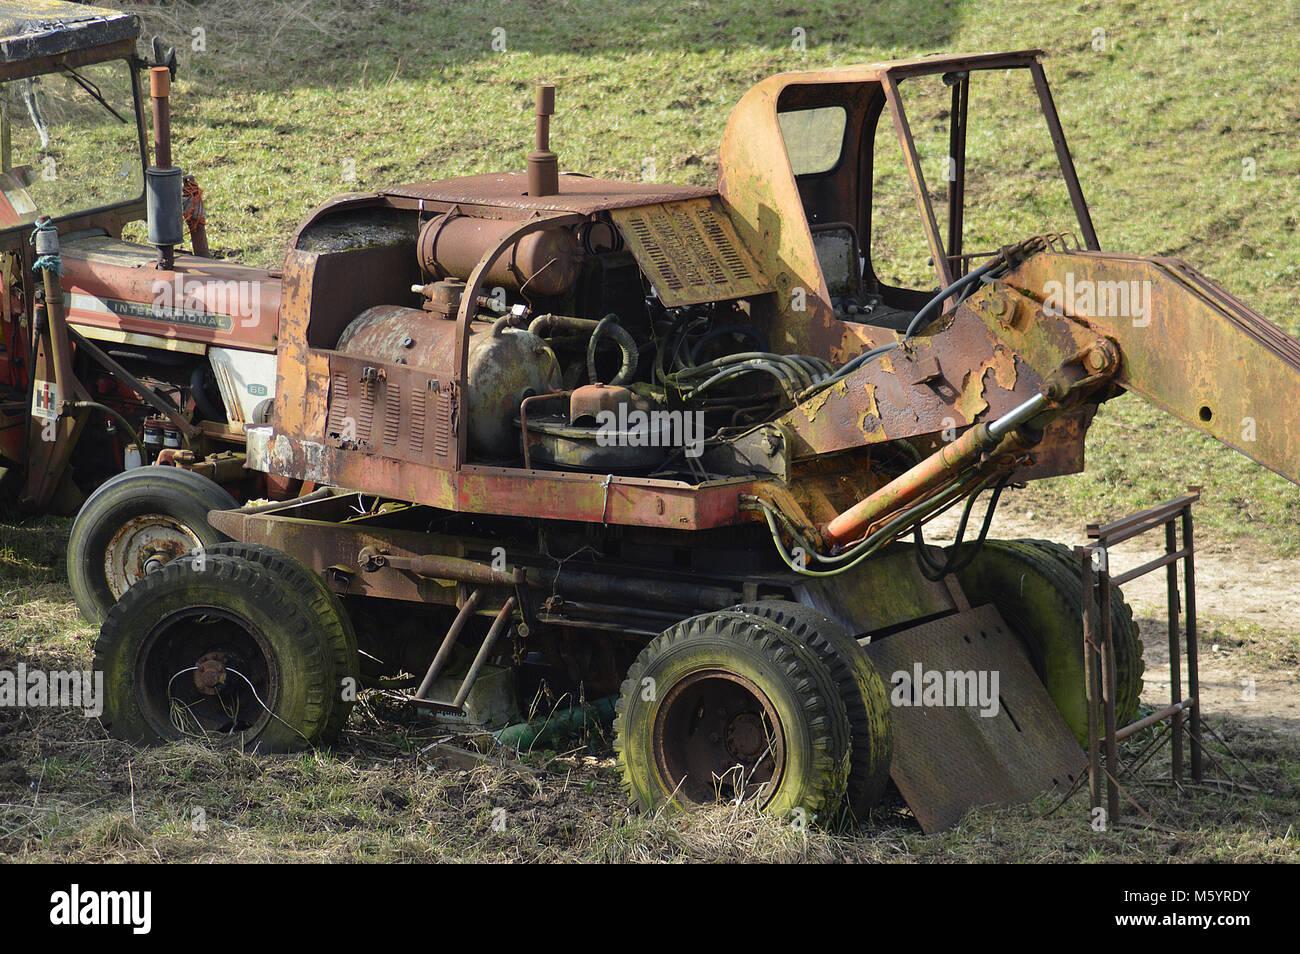 Tractor Broke Down : Old broken down tractor in stock photos